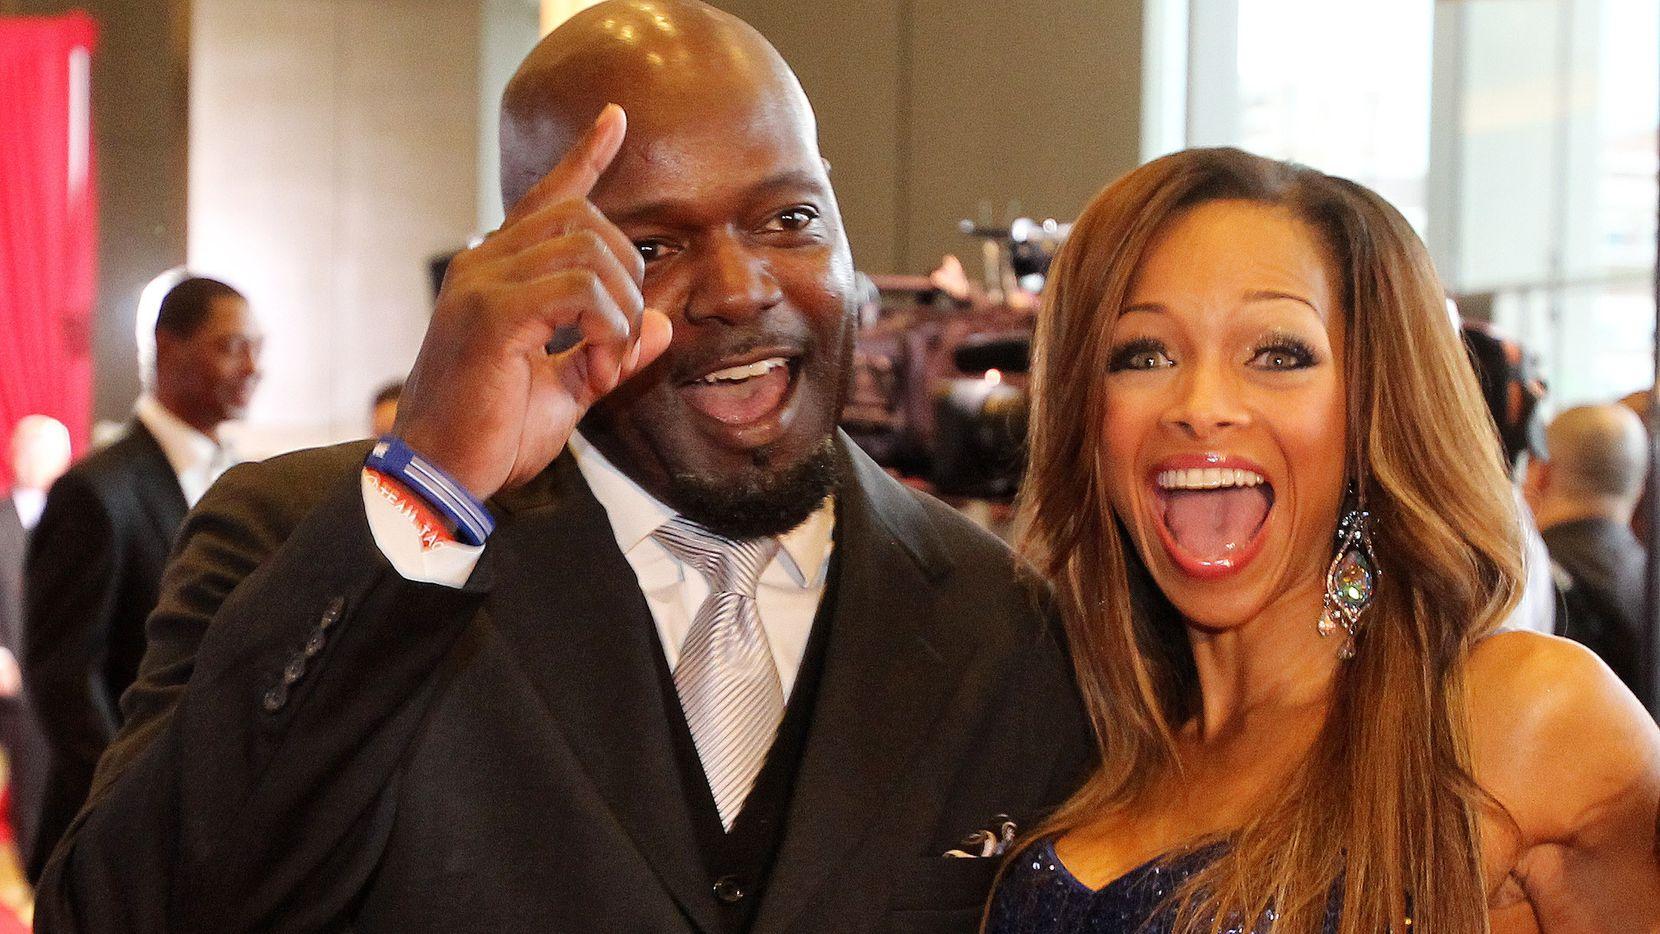 El excorredor de losDallas Cowboys, Emmitt Smith, y su esposa Pat, en un evento social realizado el 10 de mayo de 2013 en el hotel Omni de Dallas.